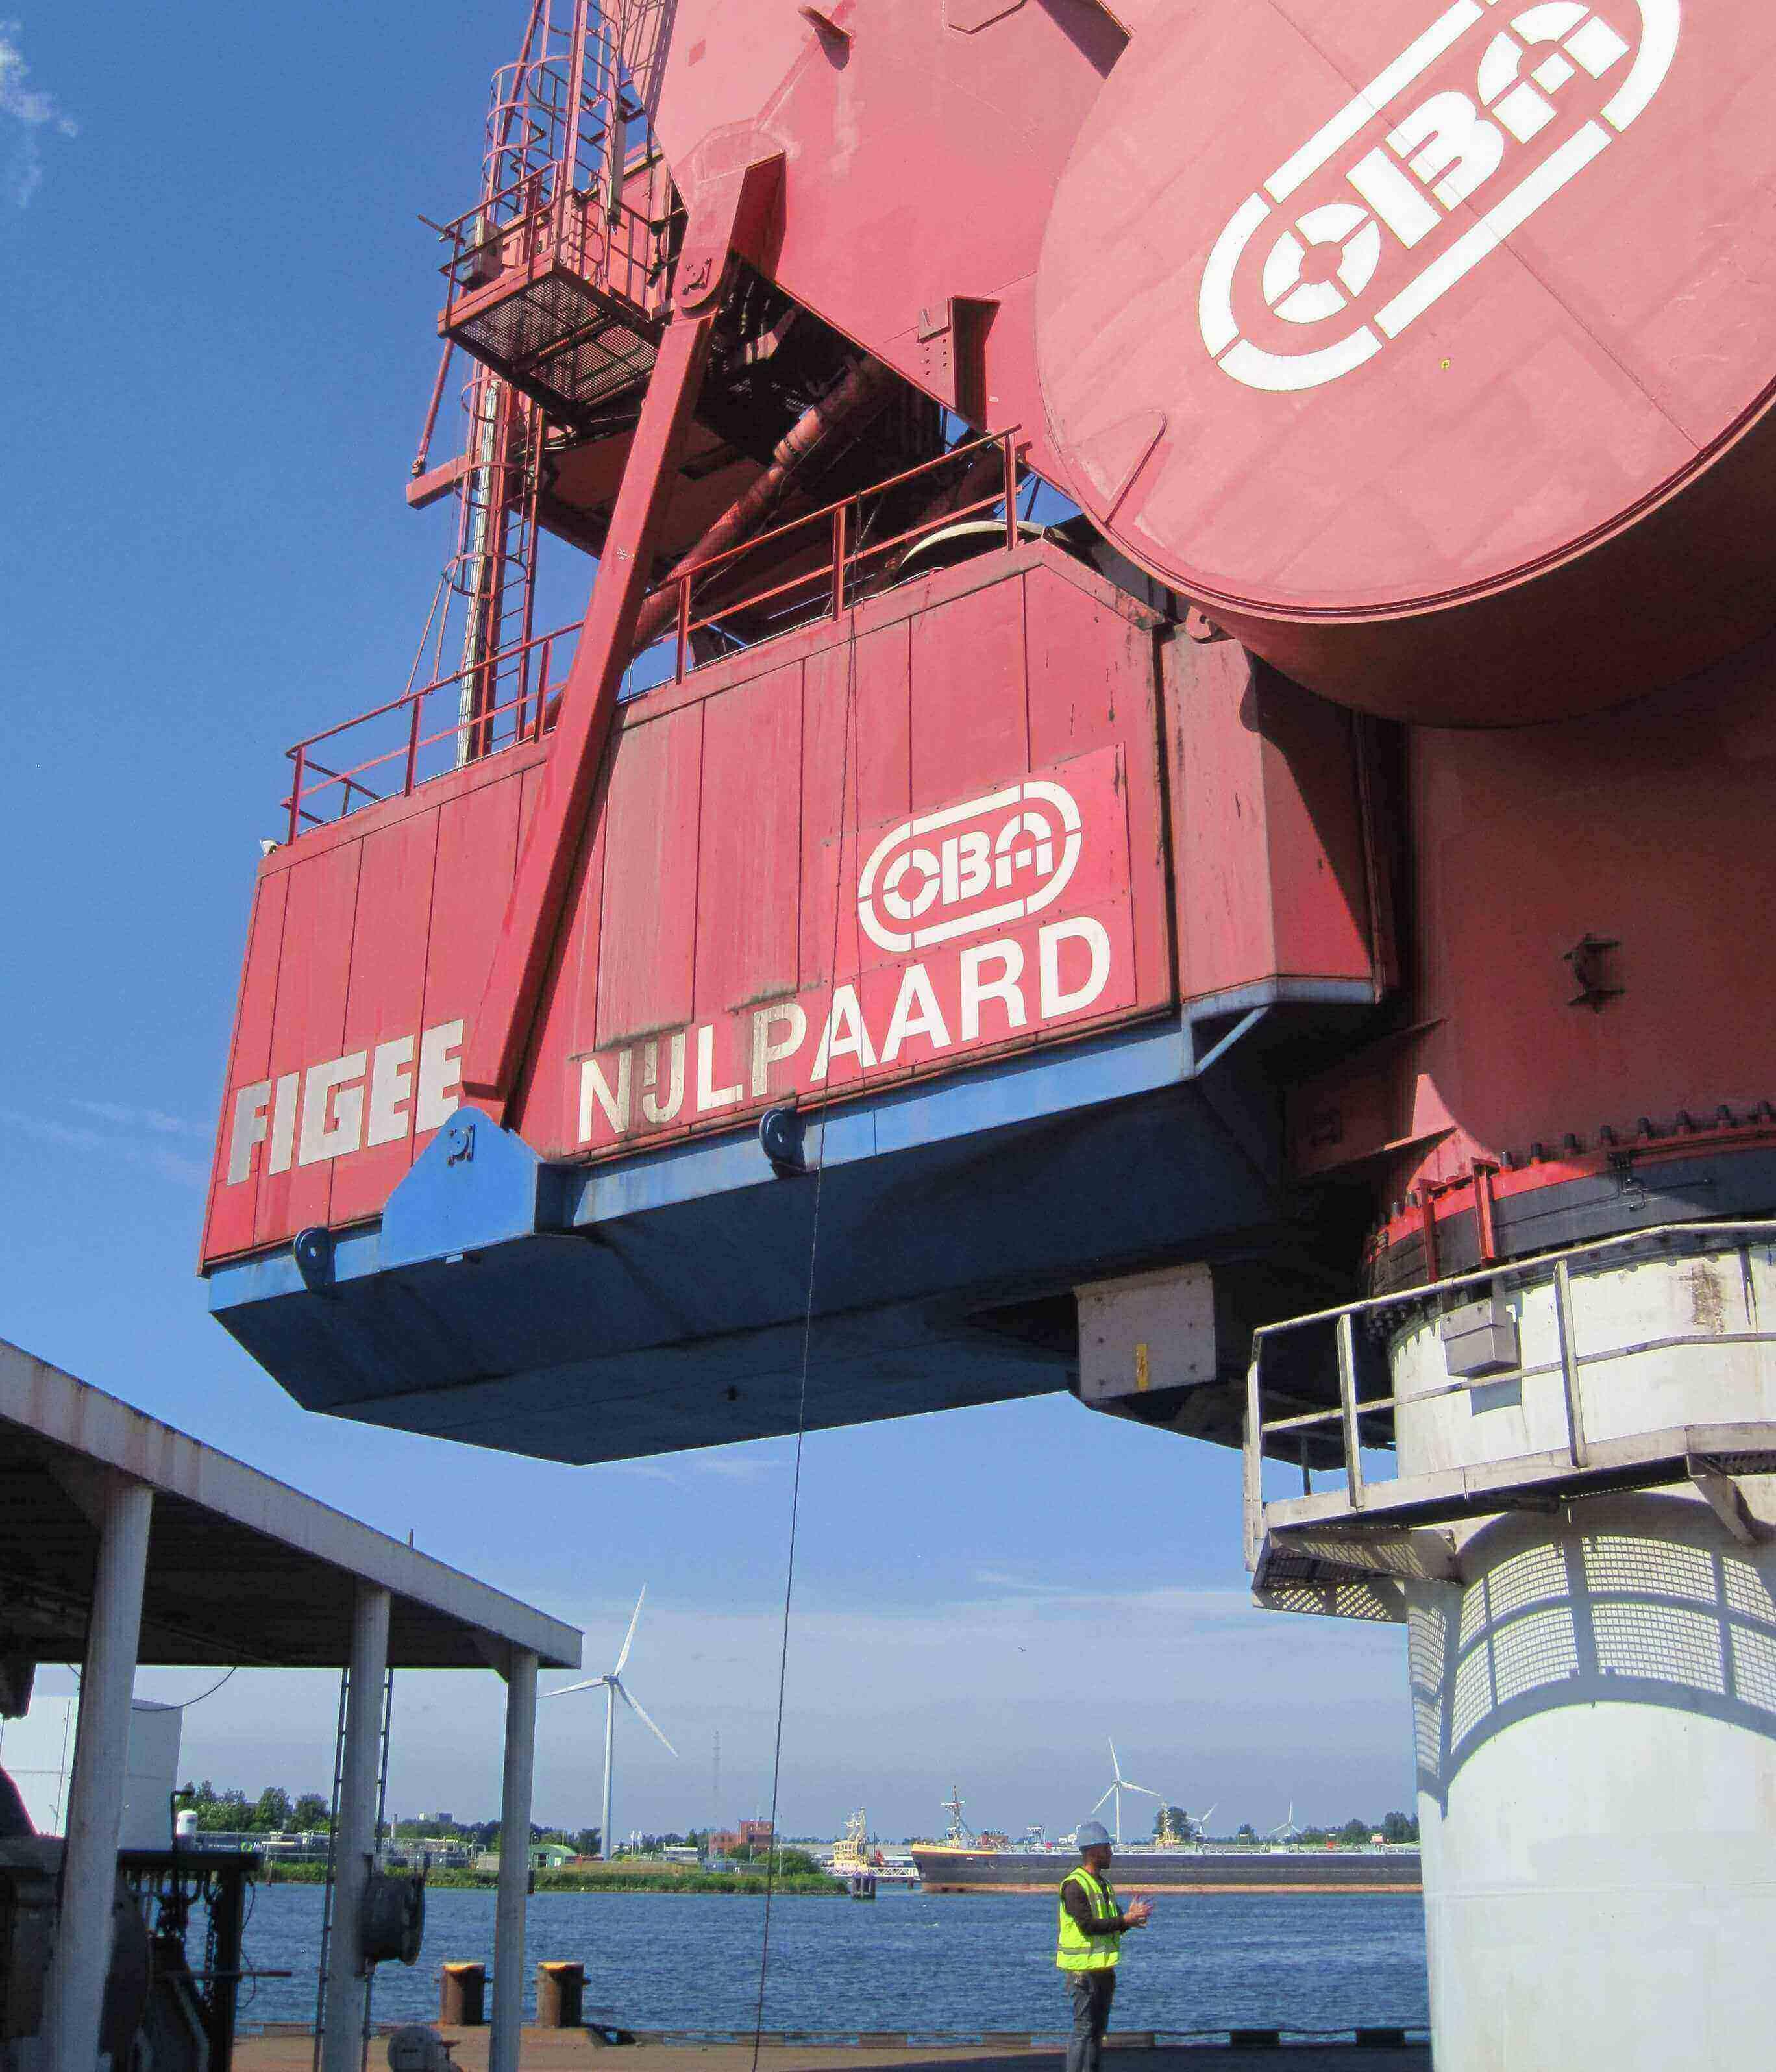 aanpassing container Nijlpaard